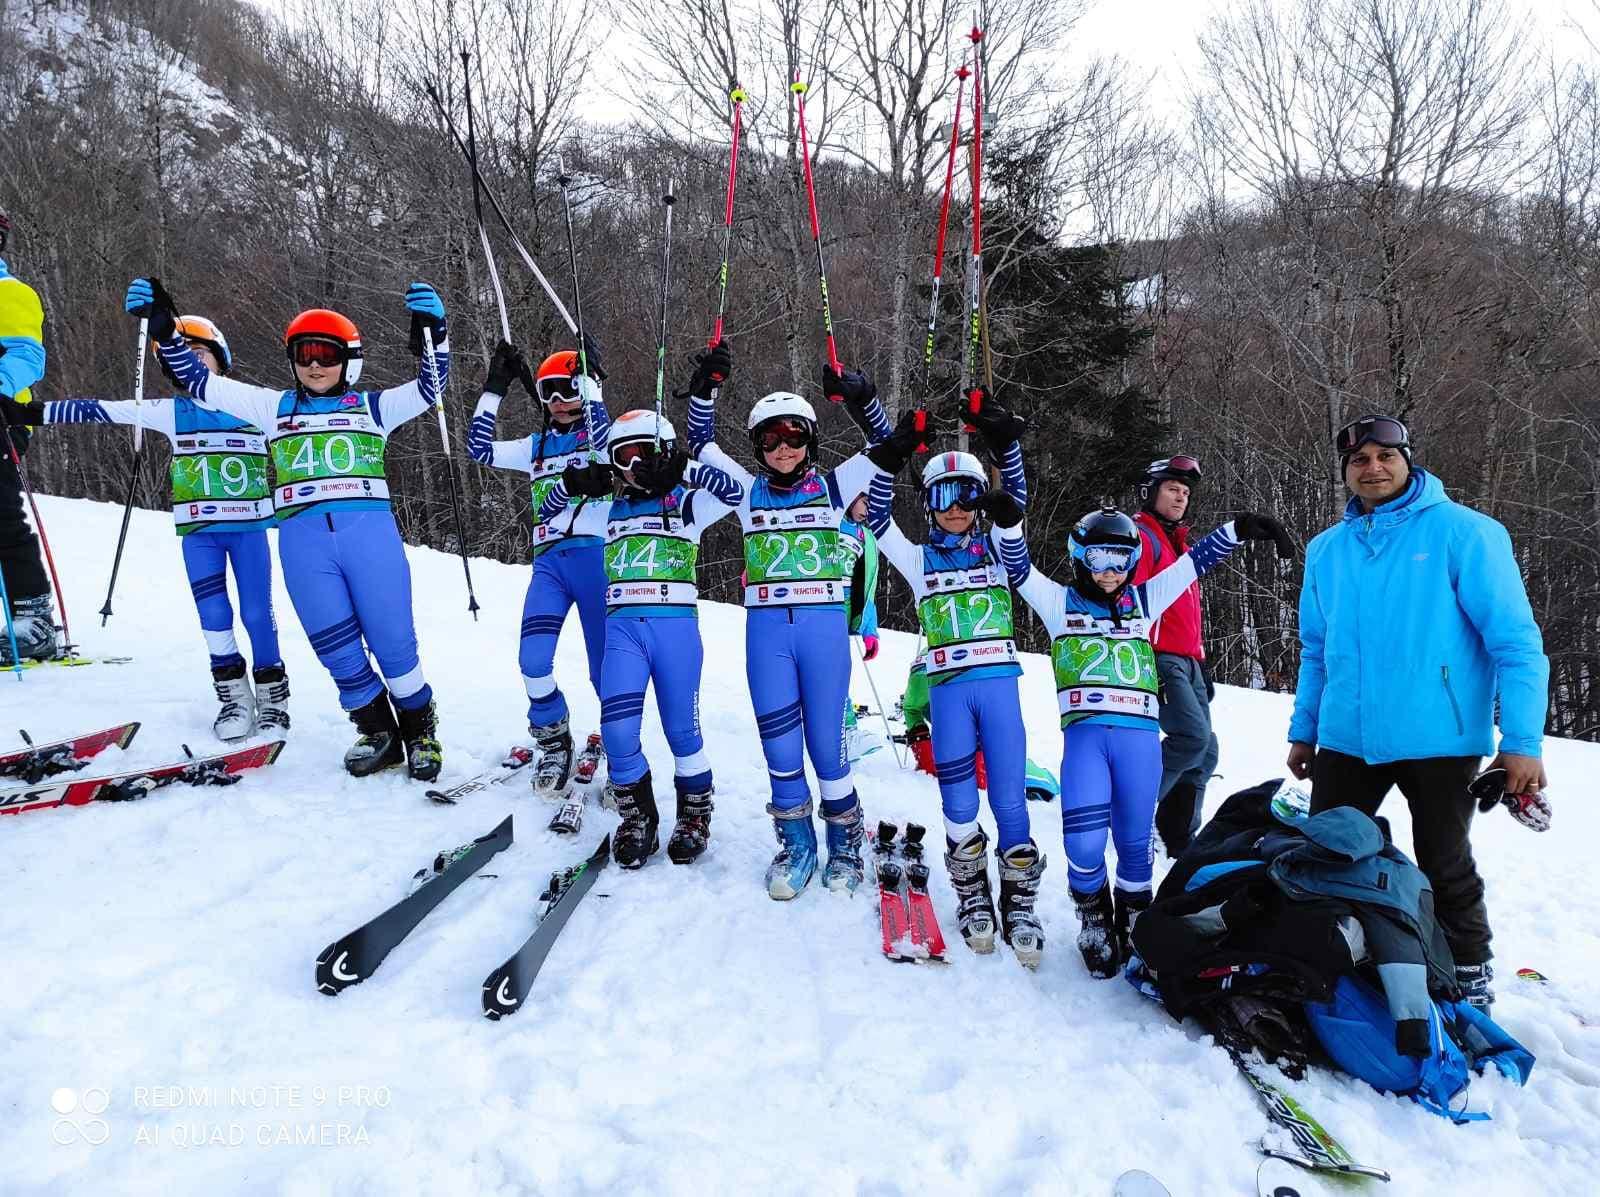 """The ski club """"Sharri Academy"""" participated in the competition organized in Mavrovo """"Nocna Snegullka"""""""